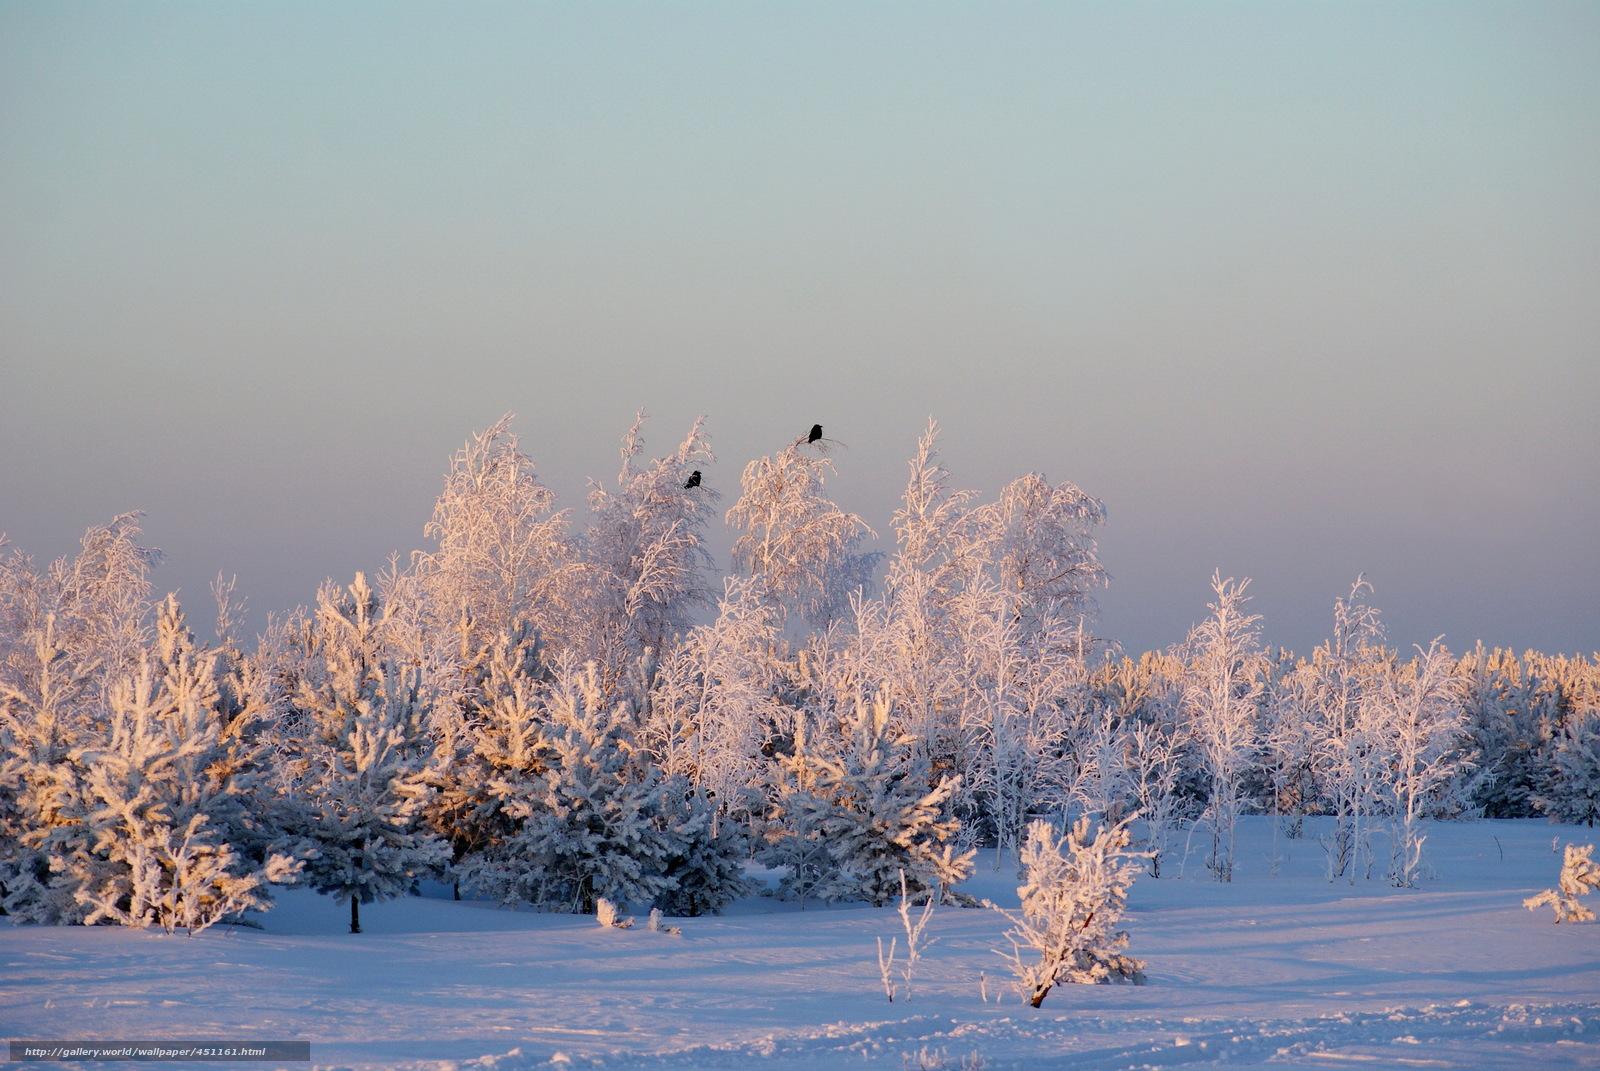 Скачать обои Зима,  Небо,  Снег,  Деревья бесплатно для рабочего стола в разрешении 2592x1735 — картинка №451161